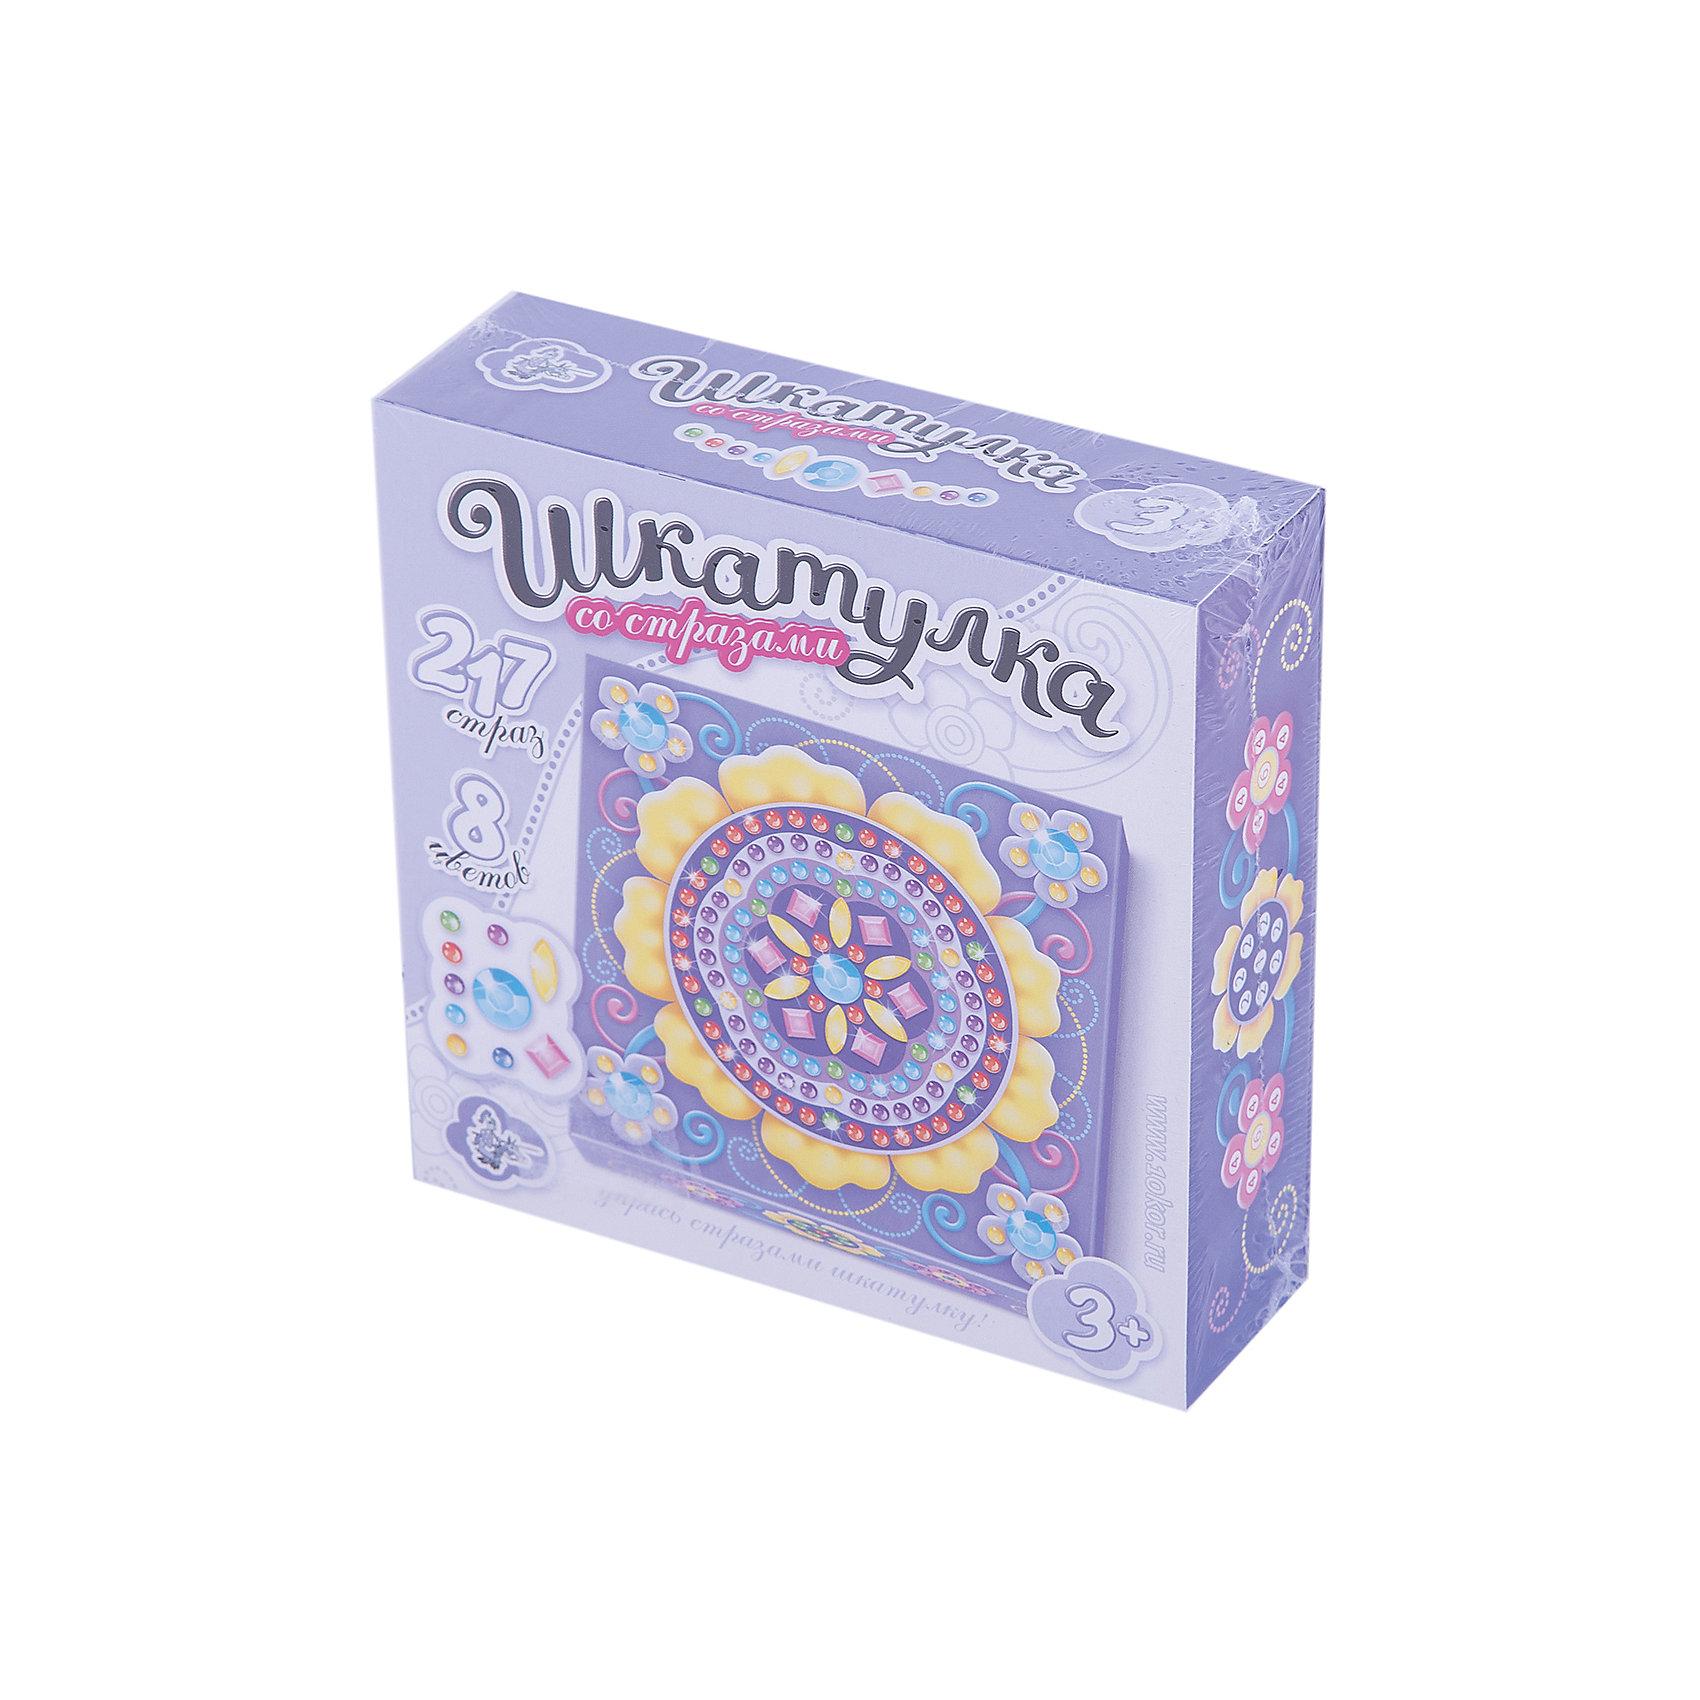 Шкатулка Цветок, Десятое королевствоРукоделие<br>Шкатулка Цветок, Десятое королевство<br><br>Характеристики:<br><br>• Возраст: от 5 лет<br>• Размер готовой игрушки: 15х15см<br>• Материал: картон, акрил, метал<br>• В комплекте: заготовка шкатулки, 217 страз 8 цветов<br><br>Этот замечательный набор позволяет ребенку самостоятельно собрать для себя яркую и красивую шкатулку с очаровательным рисунком. Благодаря устройству набора, форму для шкатулку довольно просто сложить, а для украшения удобно использовать идущие в наборе стразы, которые можно приклеивать прямо по номерам. Итоговый размер шкатулки - 10,5 х 10,5 х 4,5 см. Работа с набором развивает усидчивость и мелкую моторику.<br><br>Шкатулка Цветок, Десятое королевство можно купить в нашем интернет-магазине.<br><br>Ширина мм: 153<br>Глубина мм: 153<br>Высота мм: 47<br>Вес г: 140<br>Возраст от месяцев: 60<br>Возраст до месяцев: 84<br>Пол: Женский<br>Возраст: Детский<br>SKU: 5471656